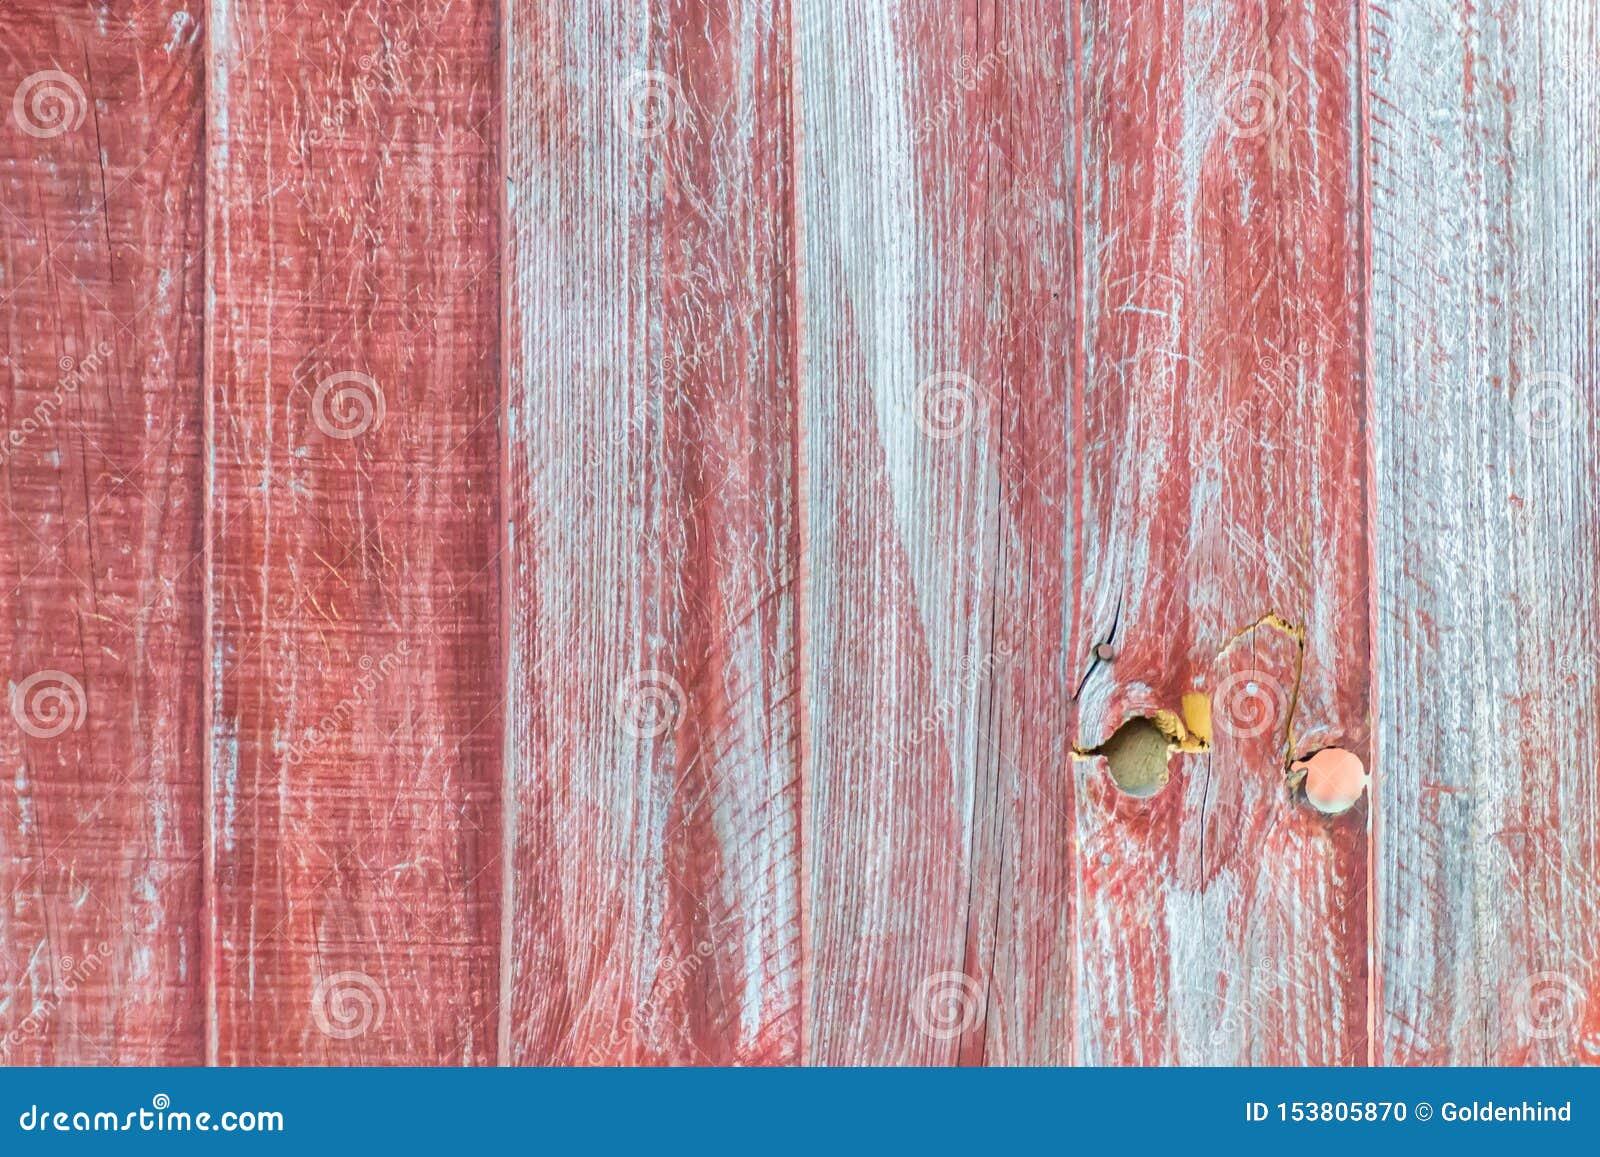 παλαιό ξύλινο υπόβαθρο σύστασης, κινηματογράφηση σε πρώτο πλάνο